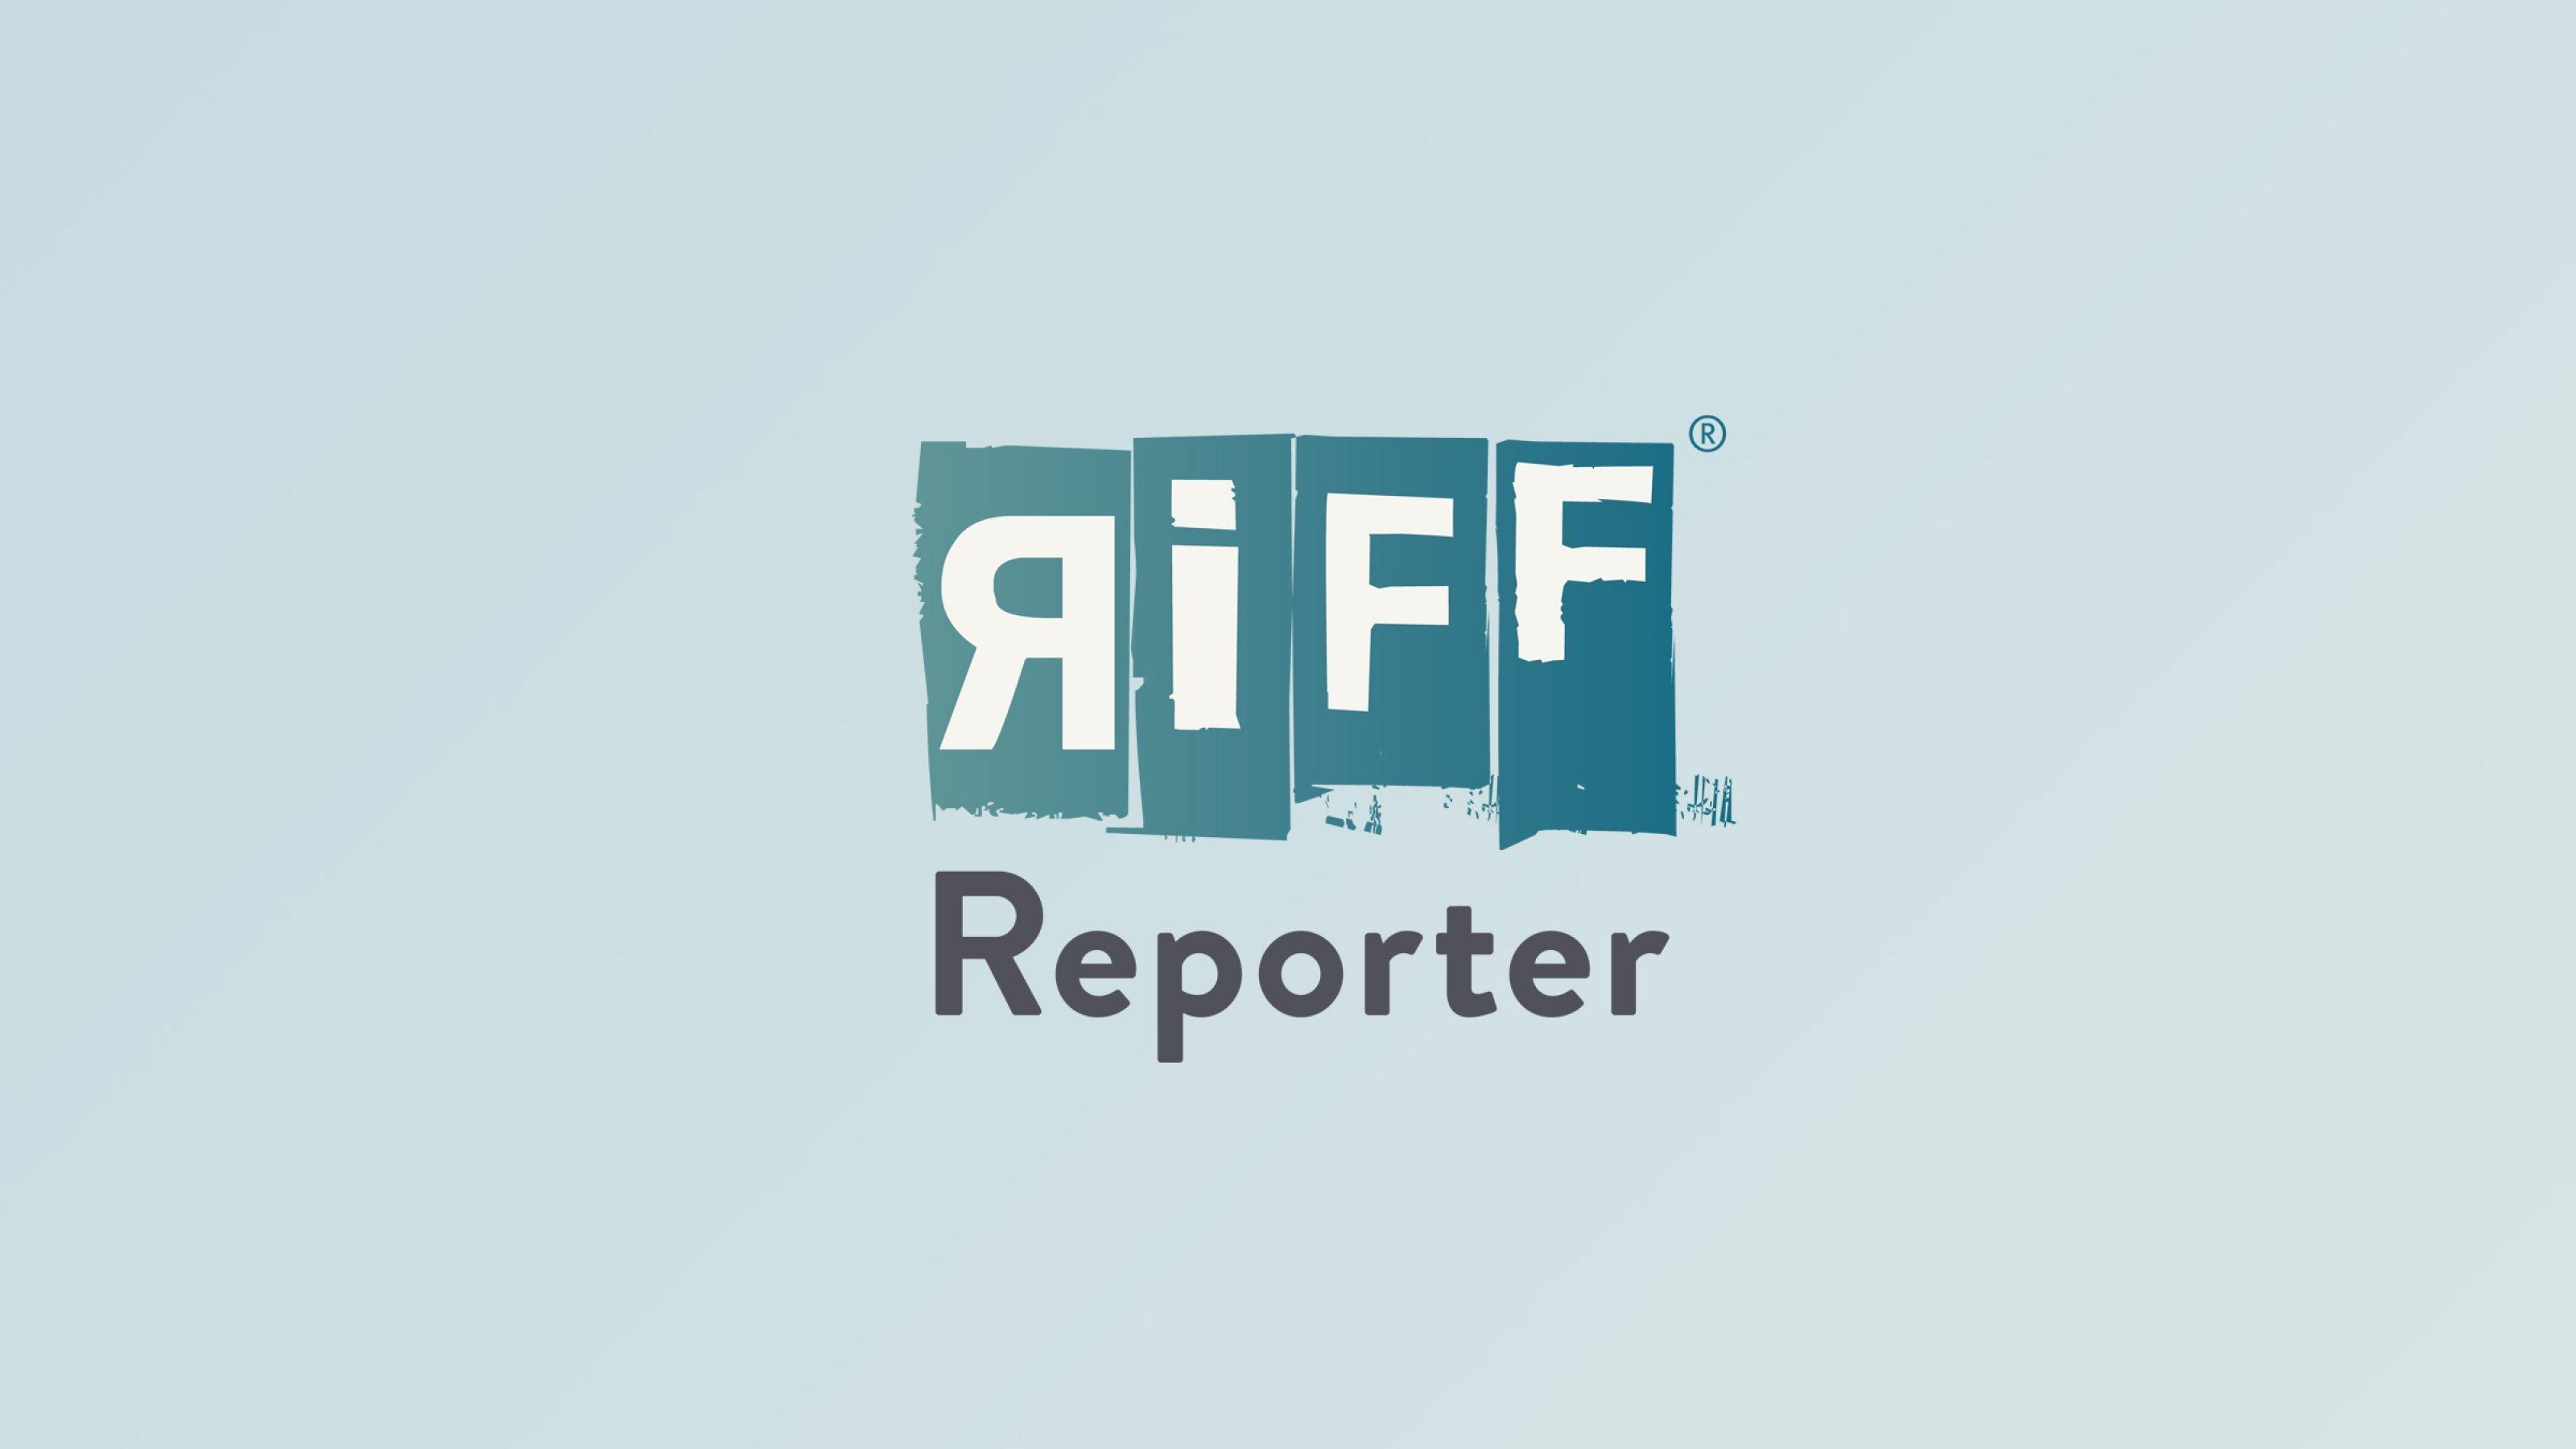 Eine große runde Wanduhr lehnt am Rande eines Blumenbeetes. Die Uhrzeit ist 11:21h.